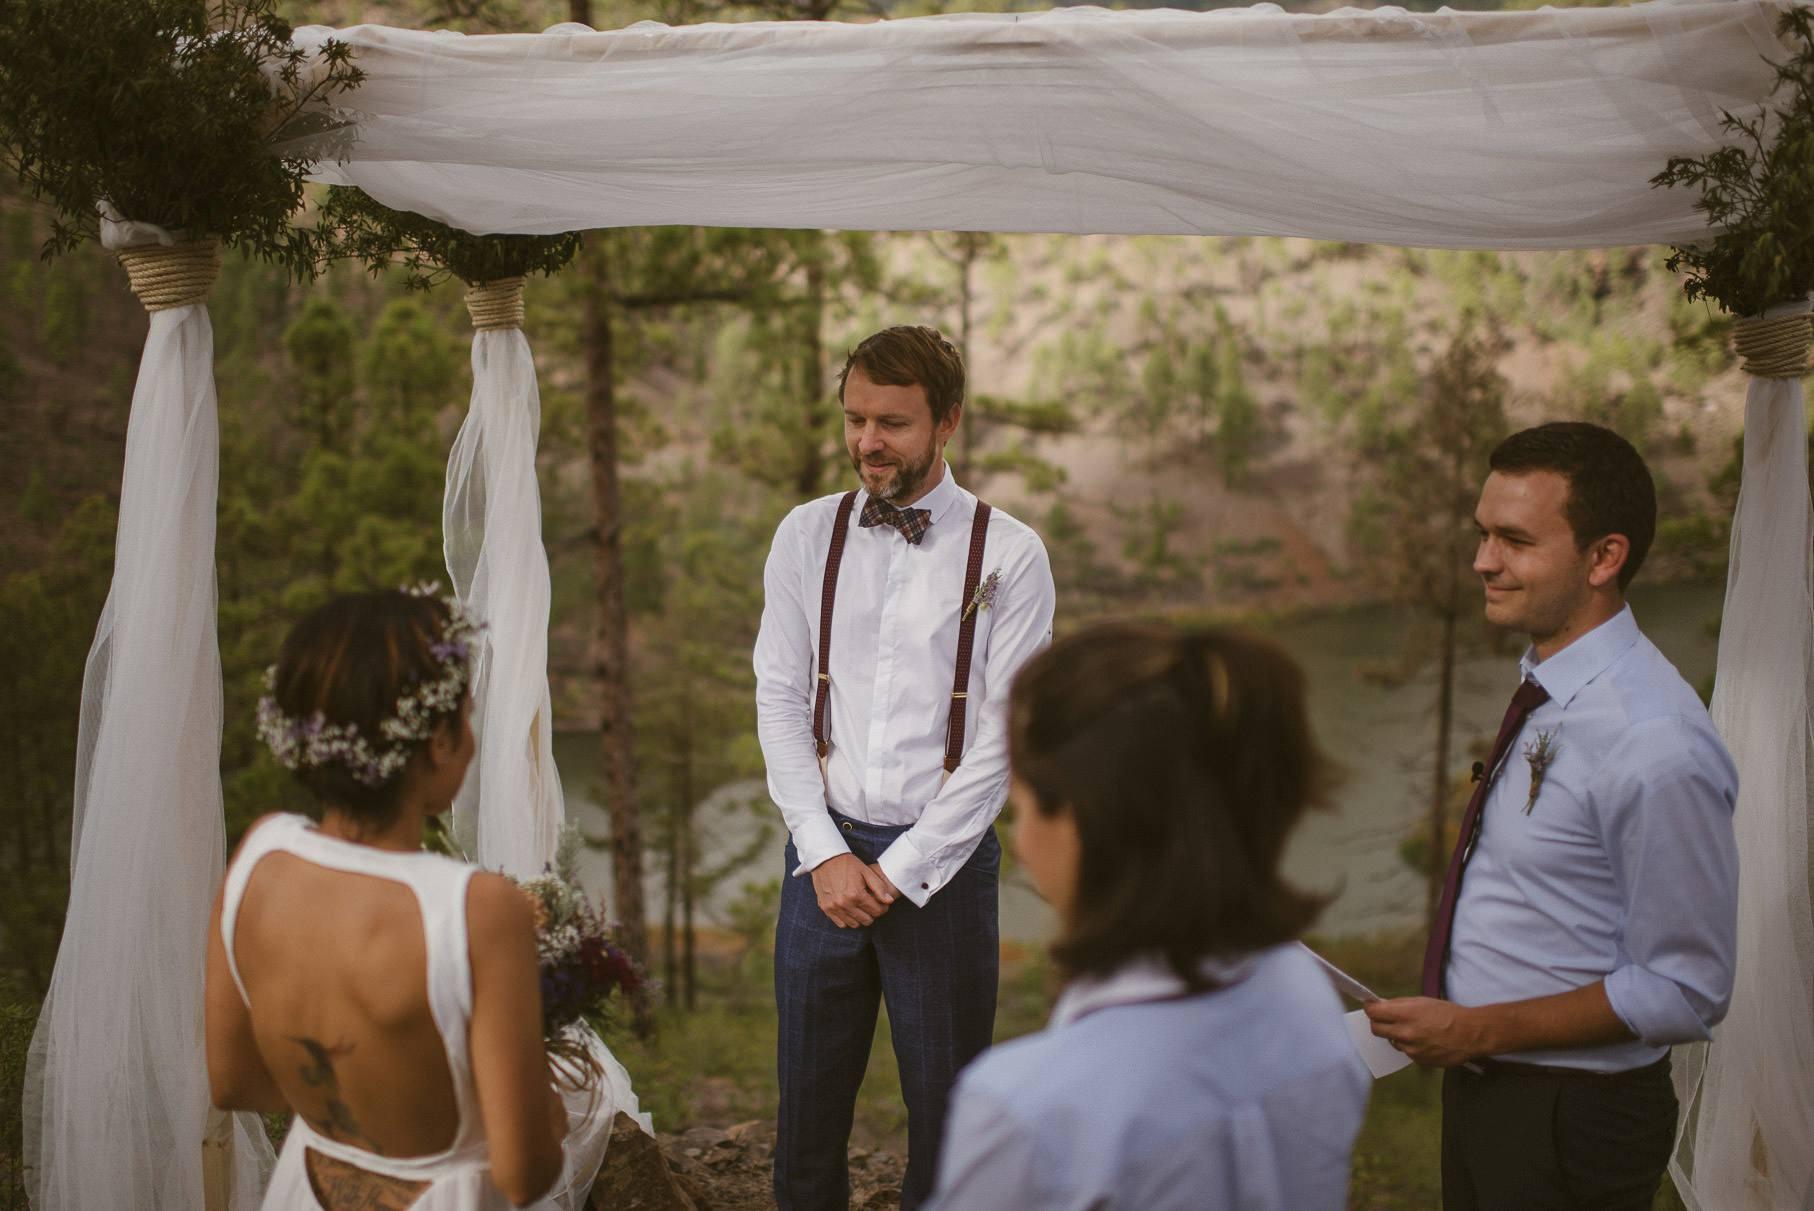 0070 lug d75 6418 - Hochzeit auf Gran Canaria - Linda & Gerald (Elopement)